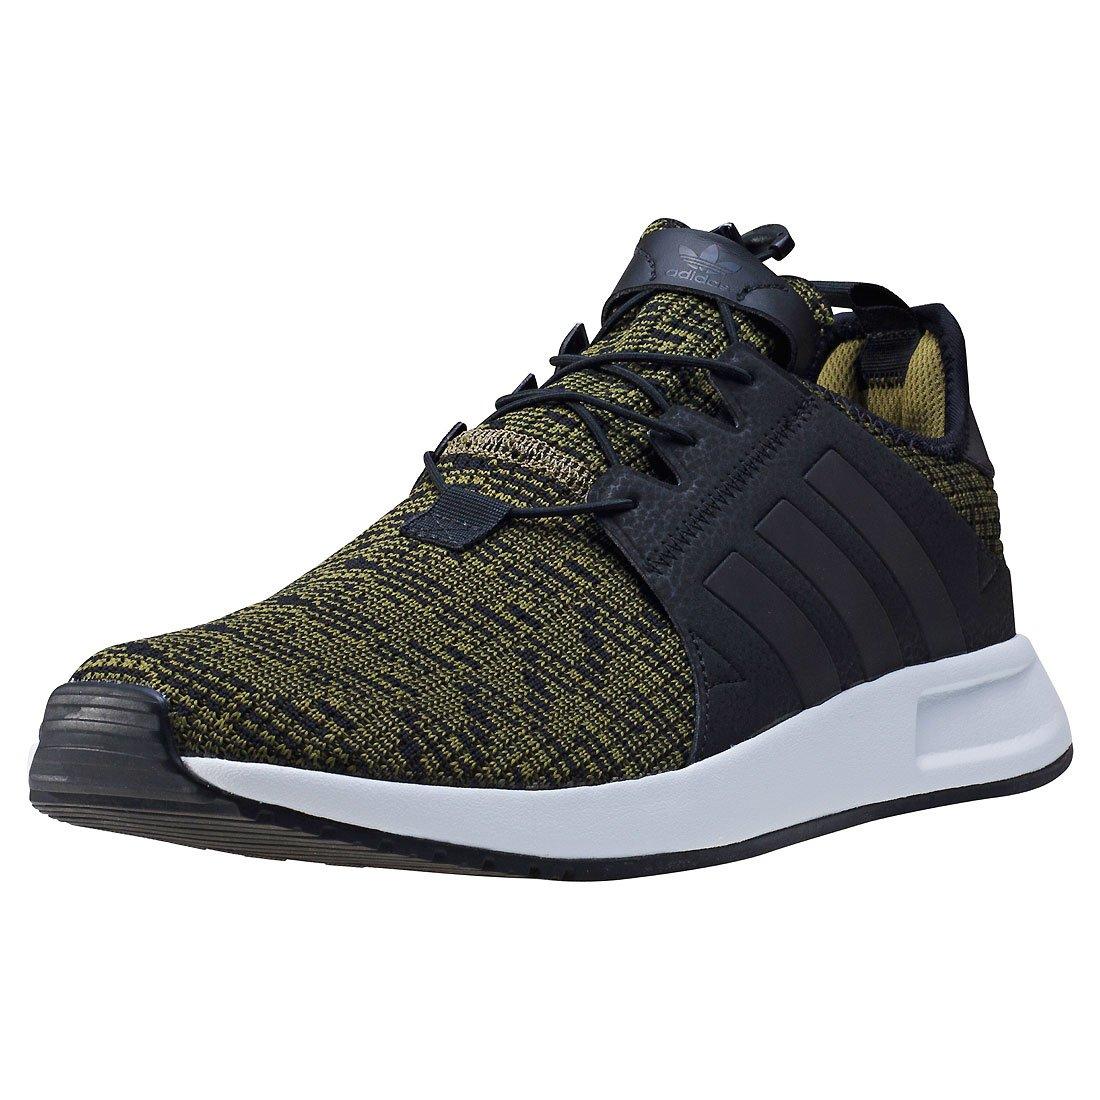 Adidas 42.5 X_PLR, Chaussures de Fitness Homme 42.5 Adidas EU|Vert Olive 76f8ba